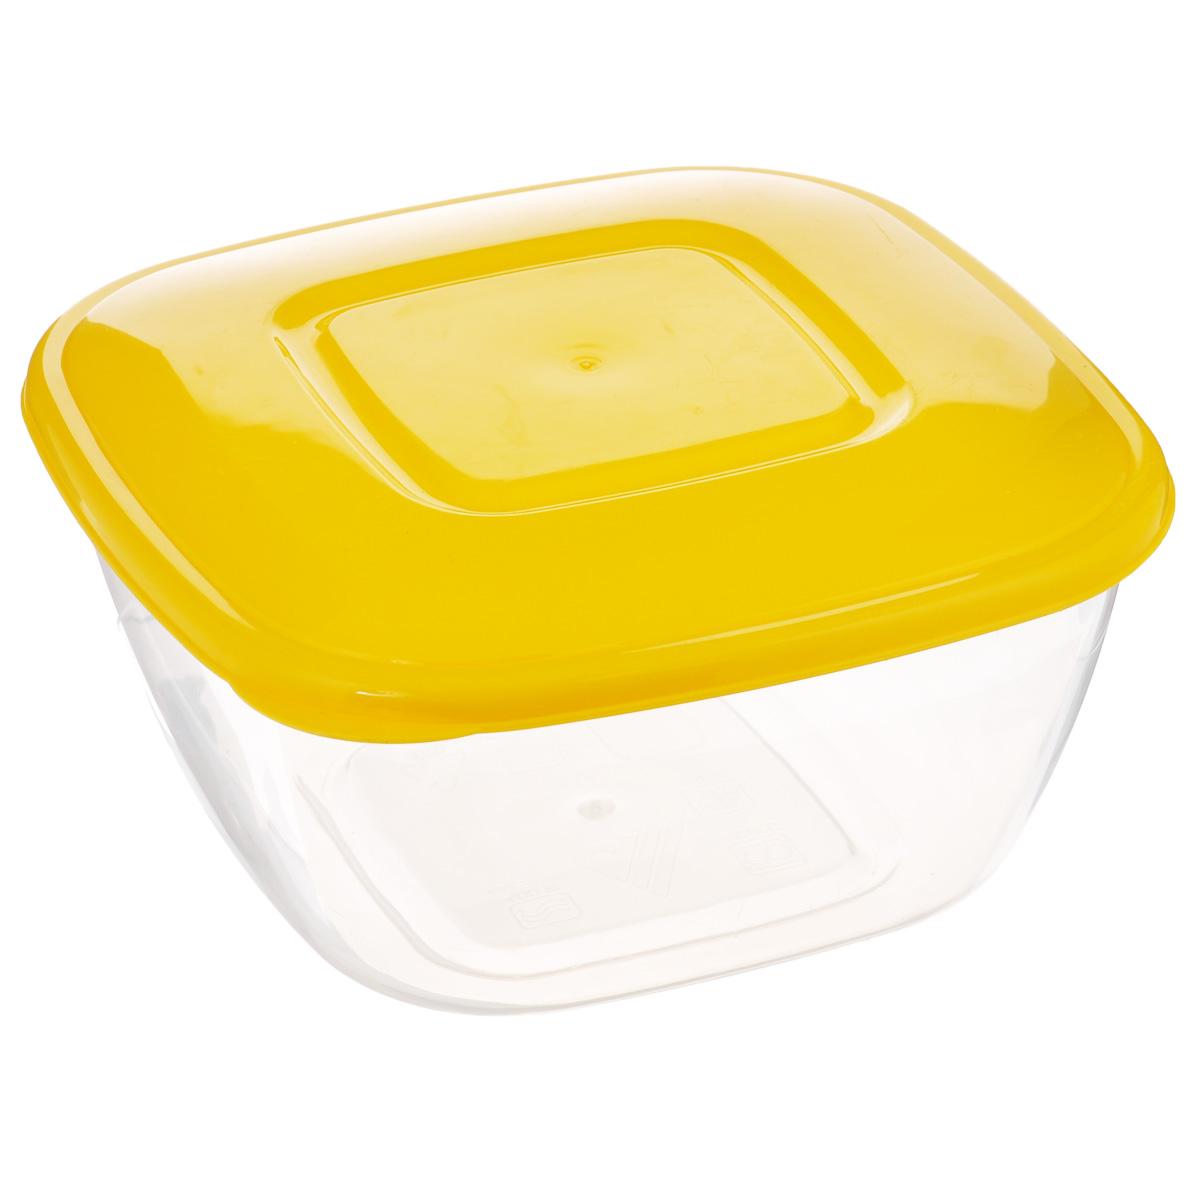 Емкость для СВЧ Альтернатива, цвет: прозрачный, желтый, 2 лМ408Круглая емкость для СВЧ Альтернатива, выполненная из пластика, предназначена специально для хранения пищевых продуктов. Крышка легко открывается и плотно закрывается. Устойчива к воздействию масел и жиров, легко моется .Прозрачные стенки позволяют видеть содержимое. Емкость необыкновенно удобна: в ней можно брать еду на работу, за город, ребенку в школу. Именно поэтому подобные емкости обретают все большую популярность. Размер емкости: 20 см х 20 см х 9 см. Можно мыть в посудомоечной машине.